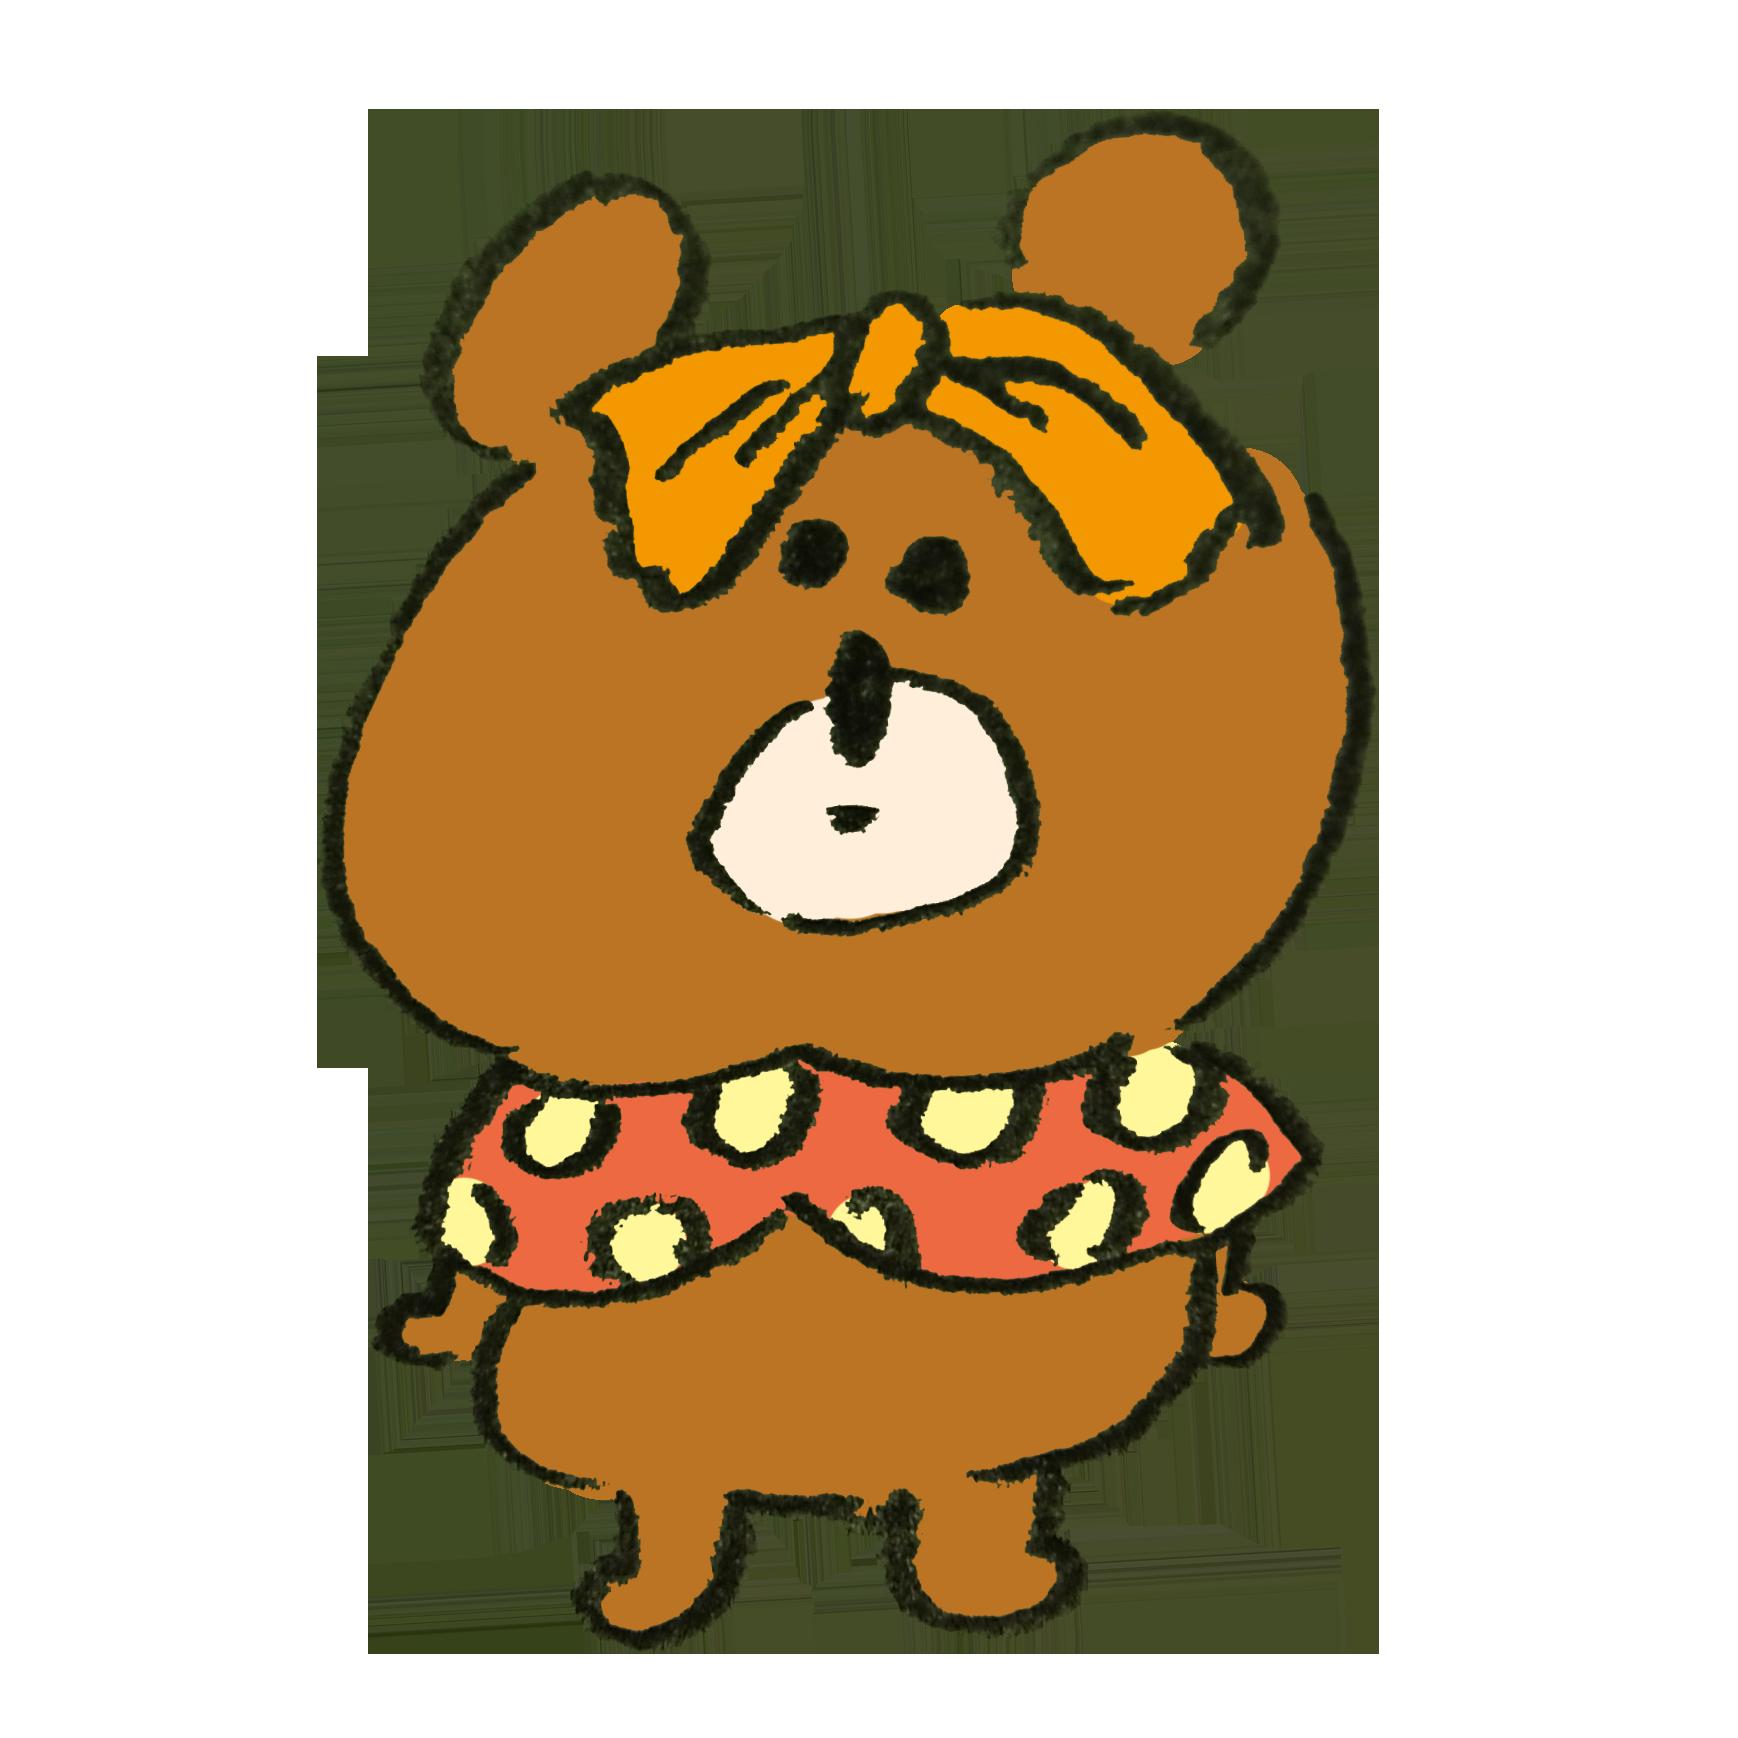 似合わないコスプレ衣装を着て歩く熊